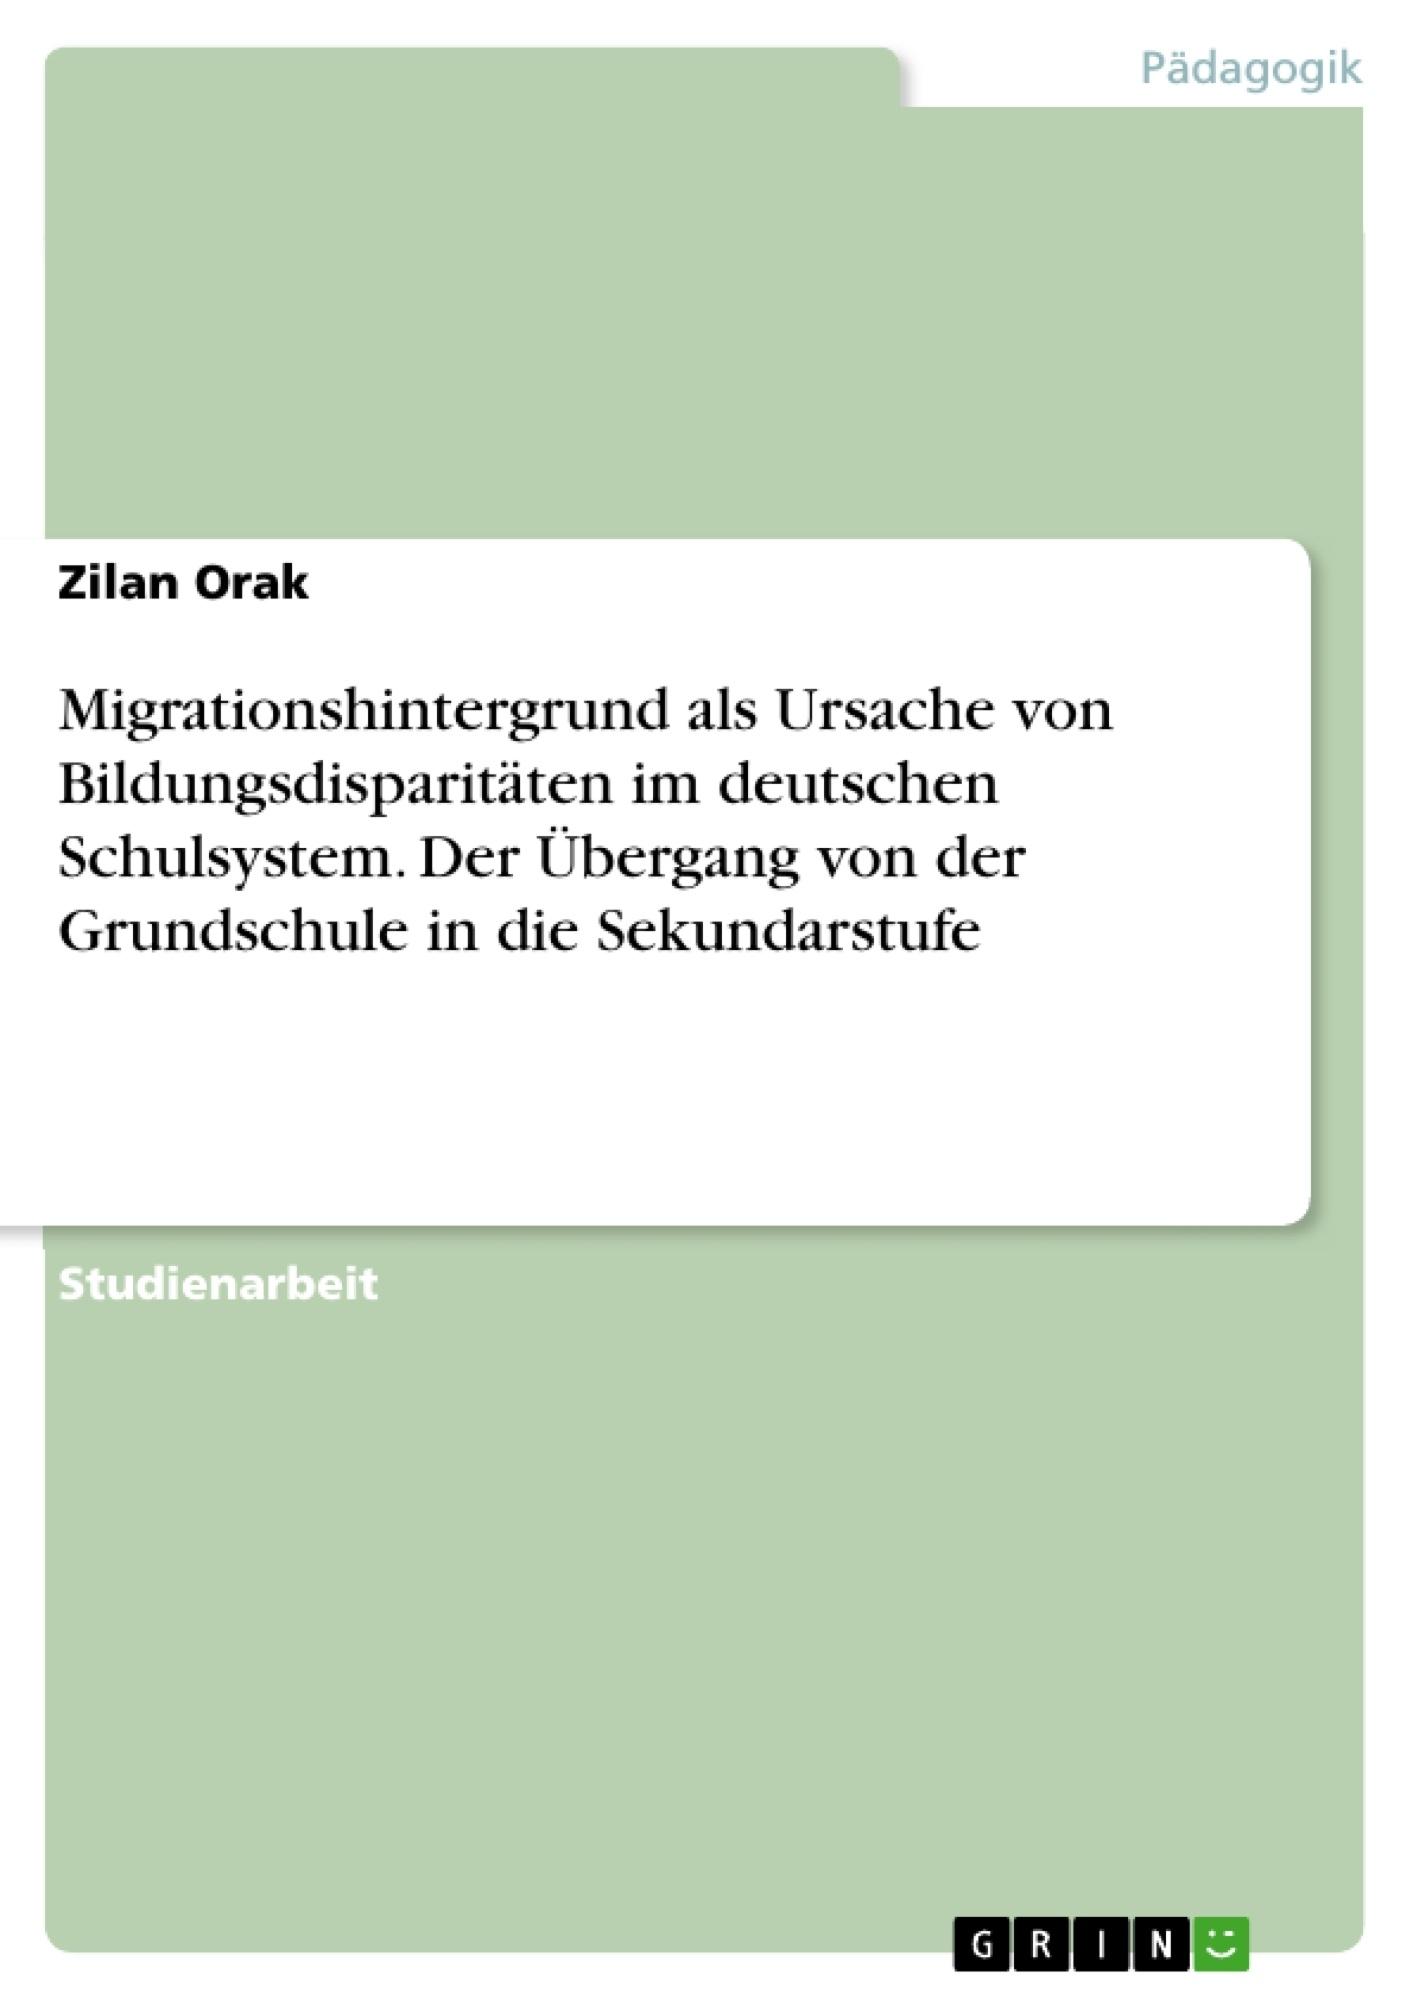 Titel: Migrationshintergrund als Ursache von Bildungsdisparitäten im deutschen Schulsystem. Der Übergang von der Grundschule in die Sekundarstufe